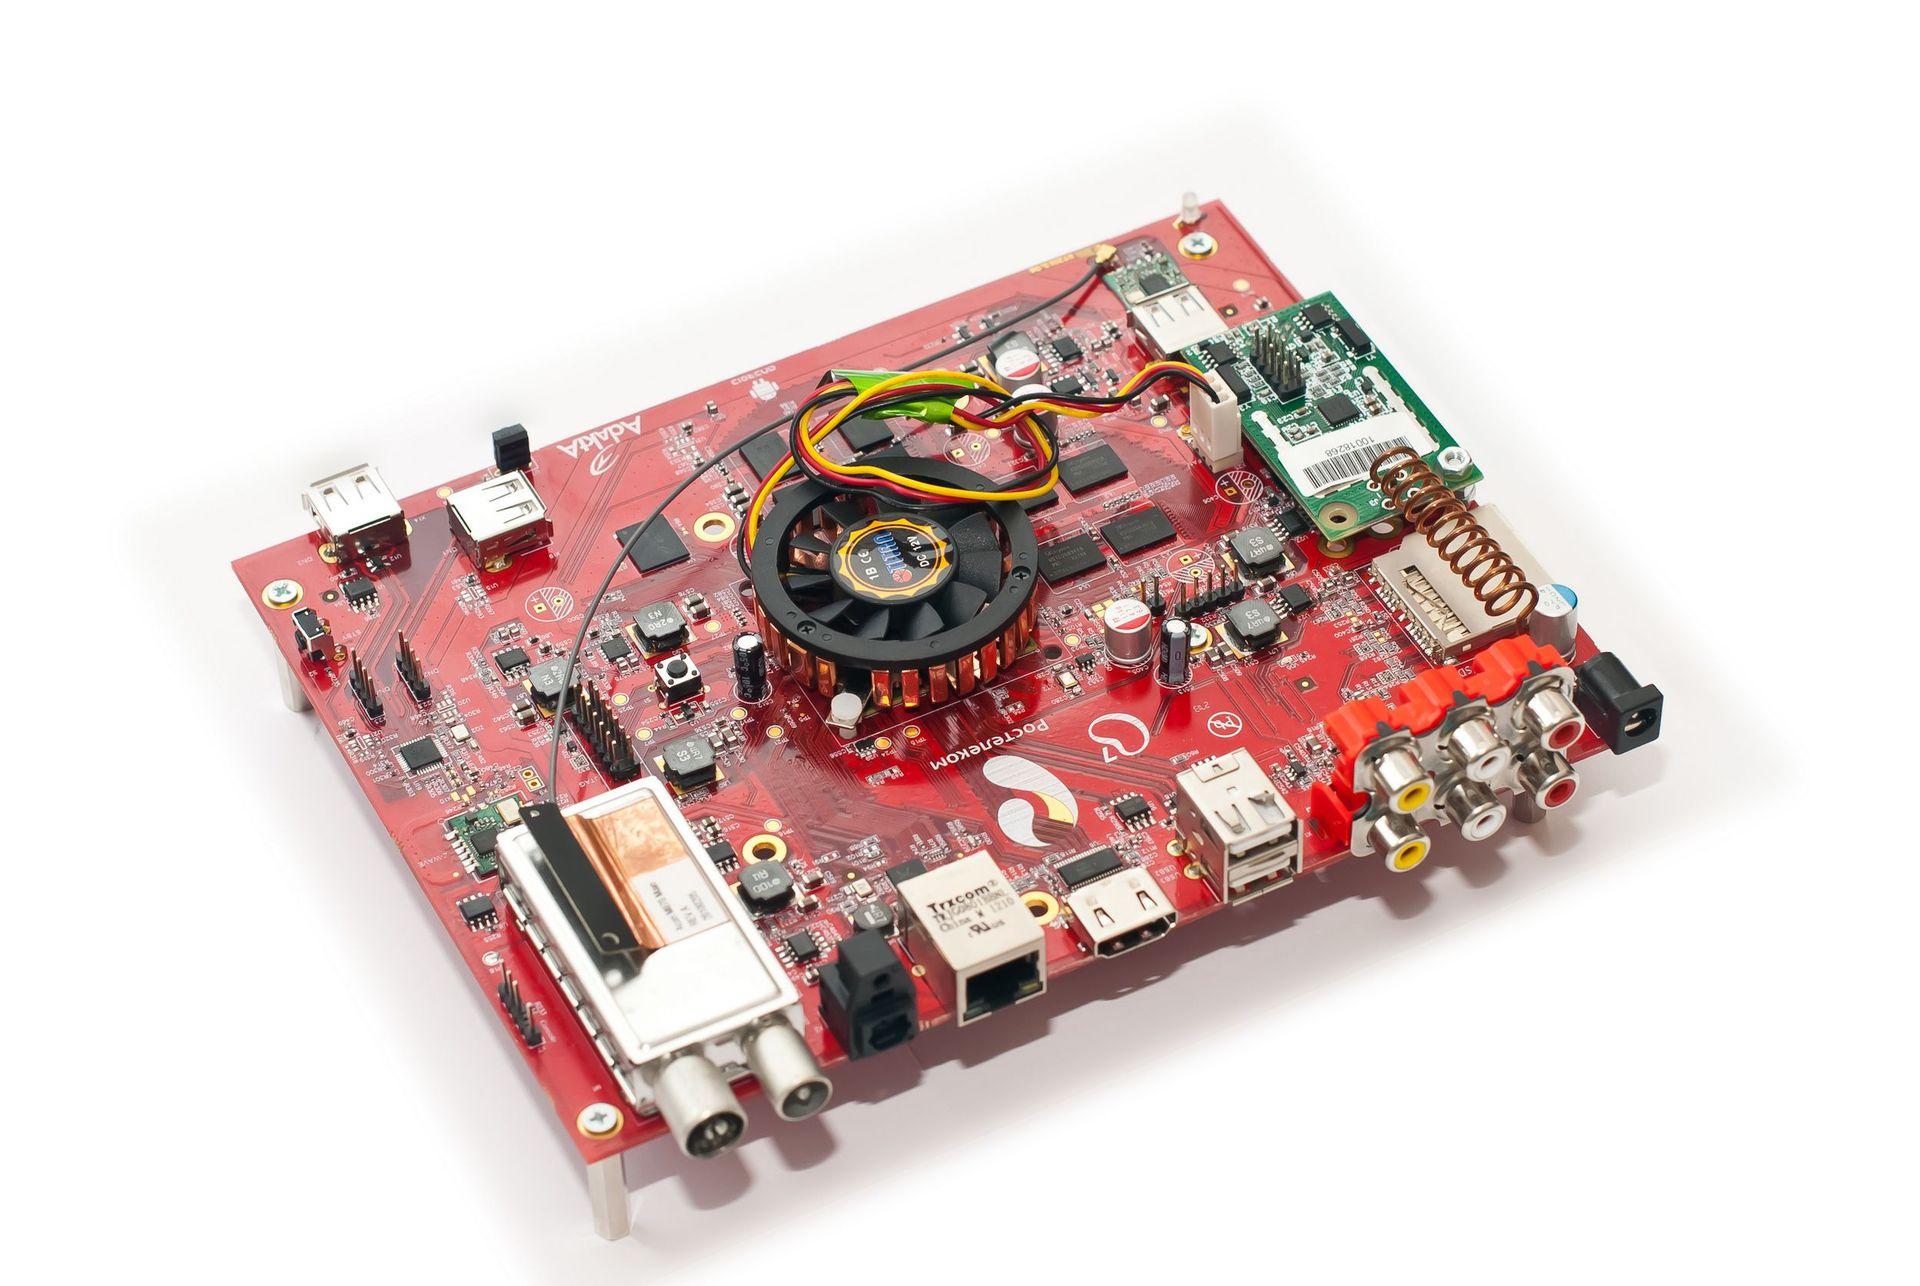 Ручной монтаж сложных плат на компонентах 0402, 0603, QFN, LQFP и THT - 1